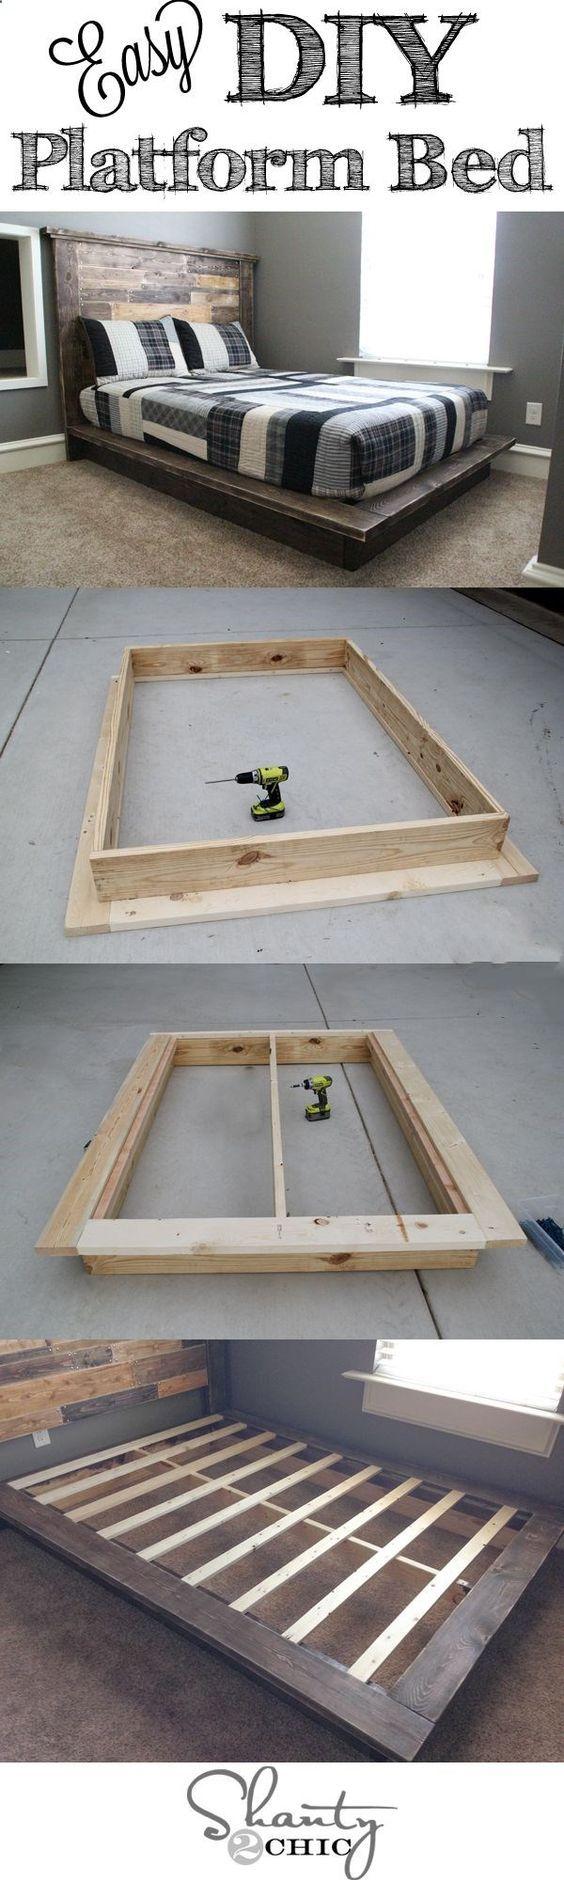 Diy platform bed with storage plans - Easy Diy Platform Bed